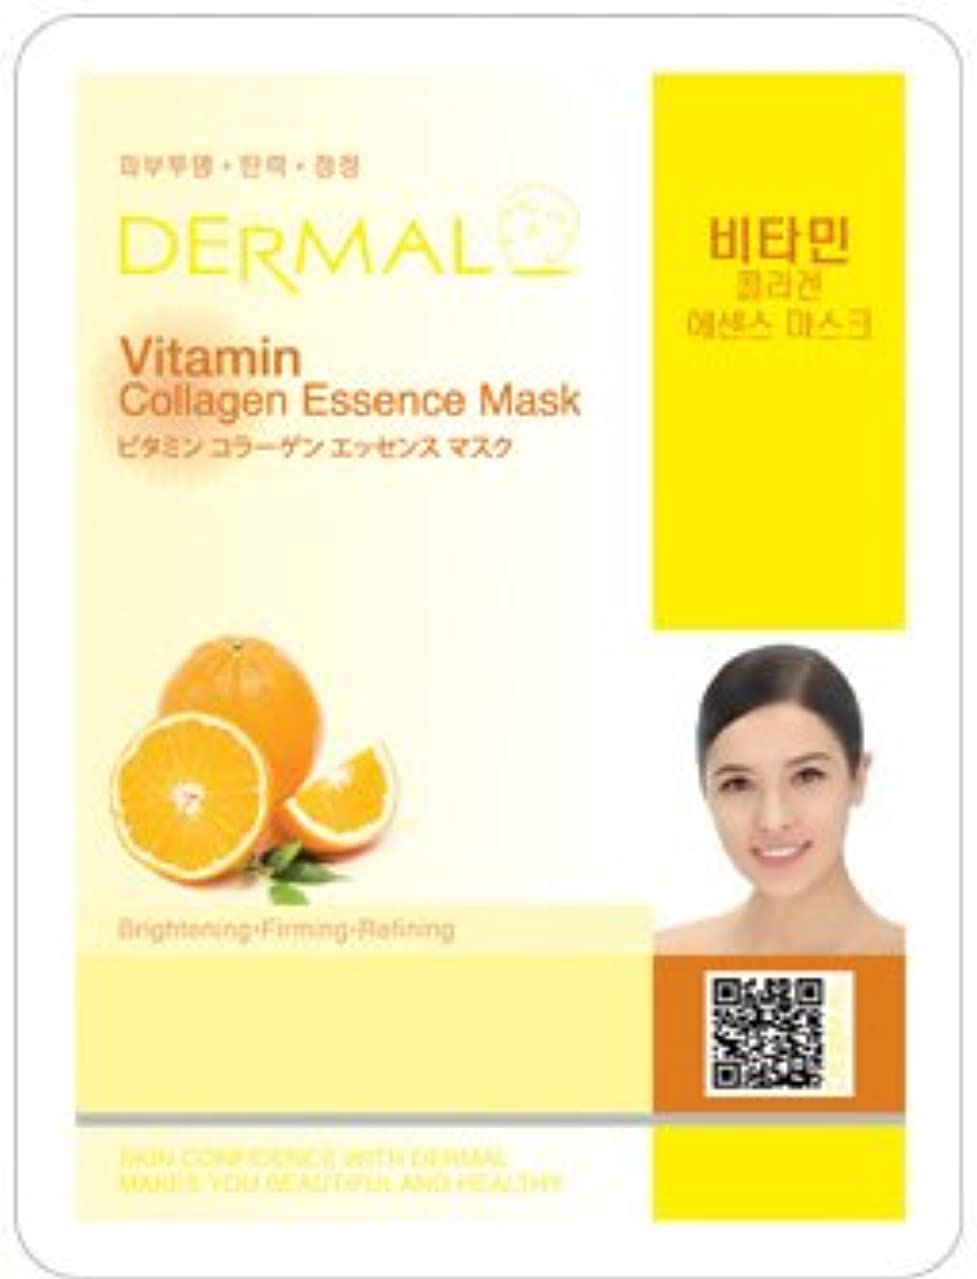 識別脊椎ストッキングシートマスク ビタミン 100枚セット ダーマル(Dermal) フェイス パック